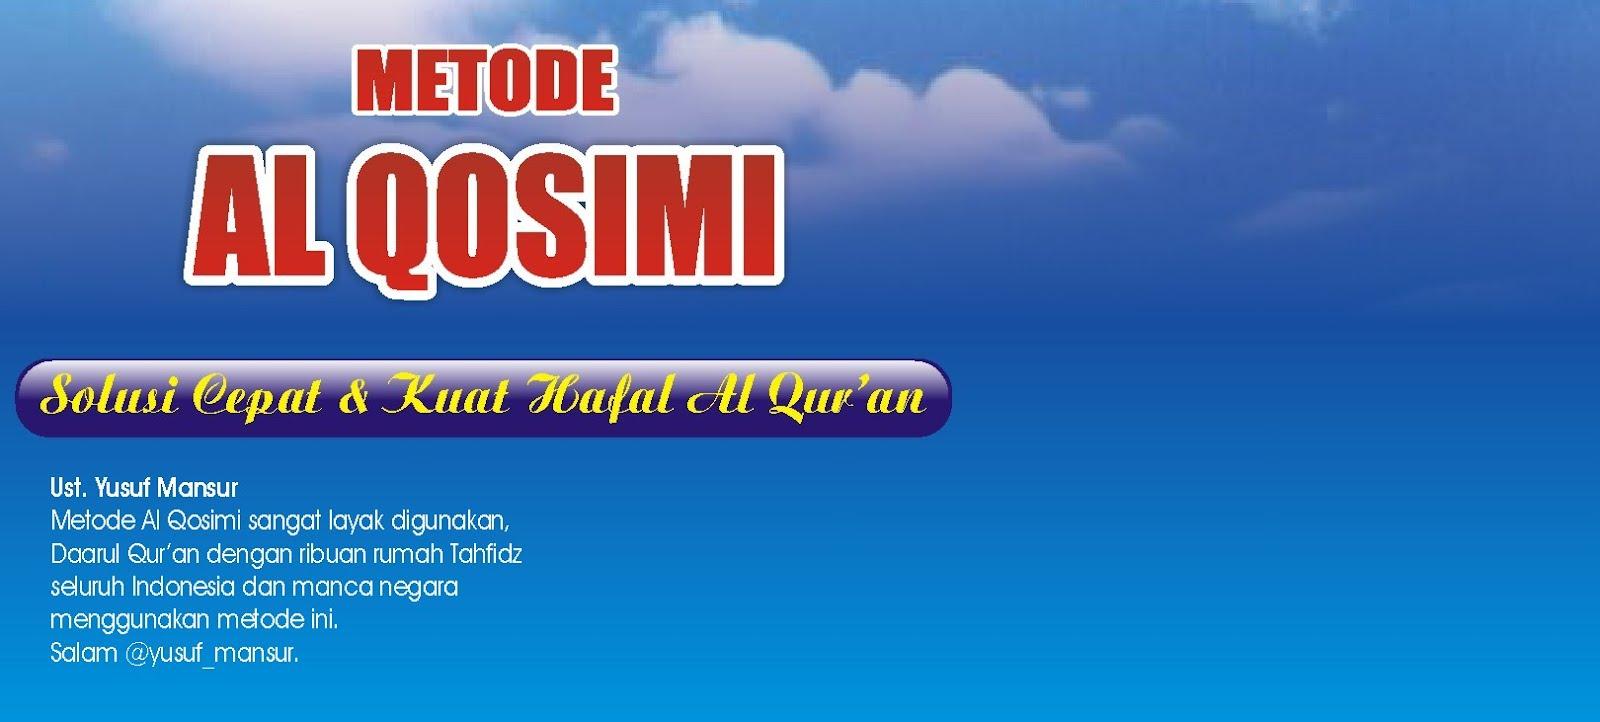 Metode Hafalan Al Qur'an Al Qosimi